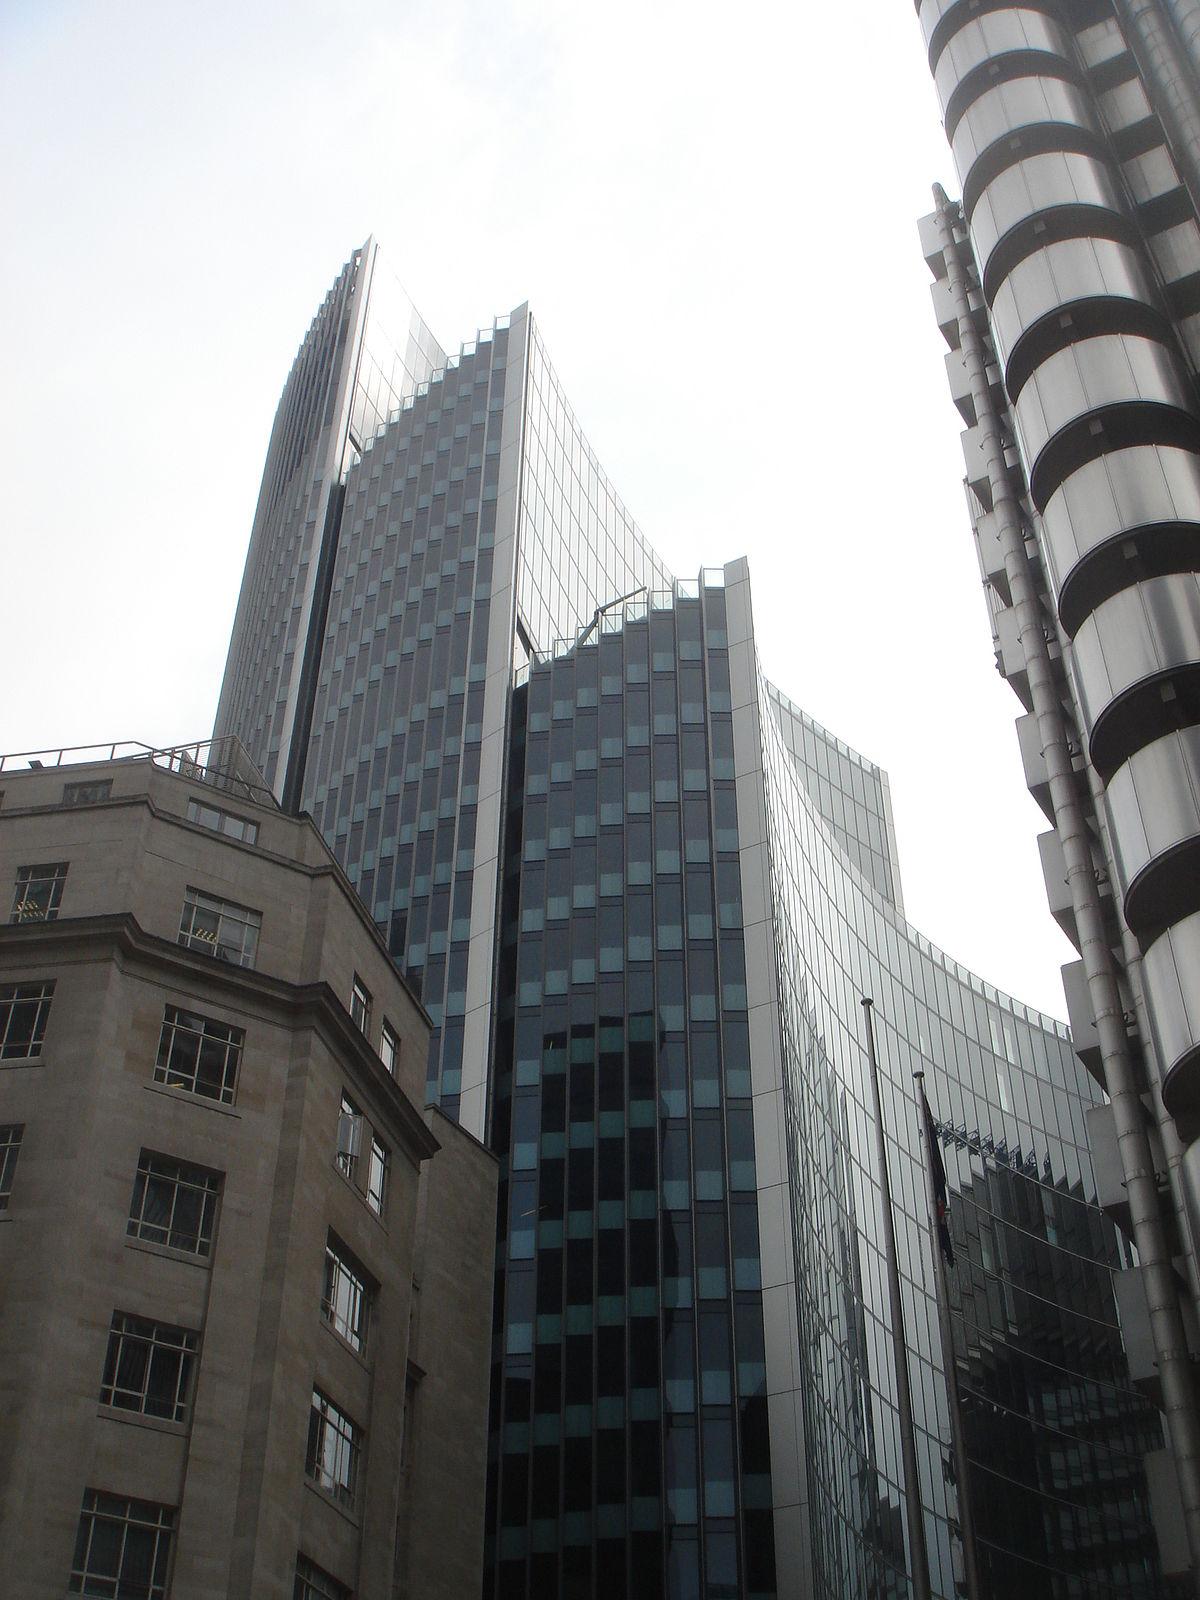 willis towers watson  u2013 wikipedia